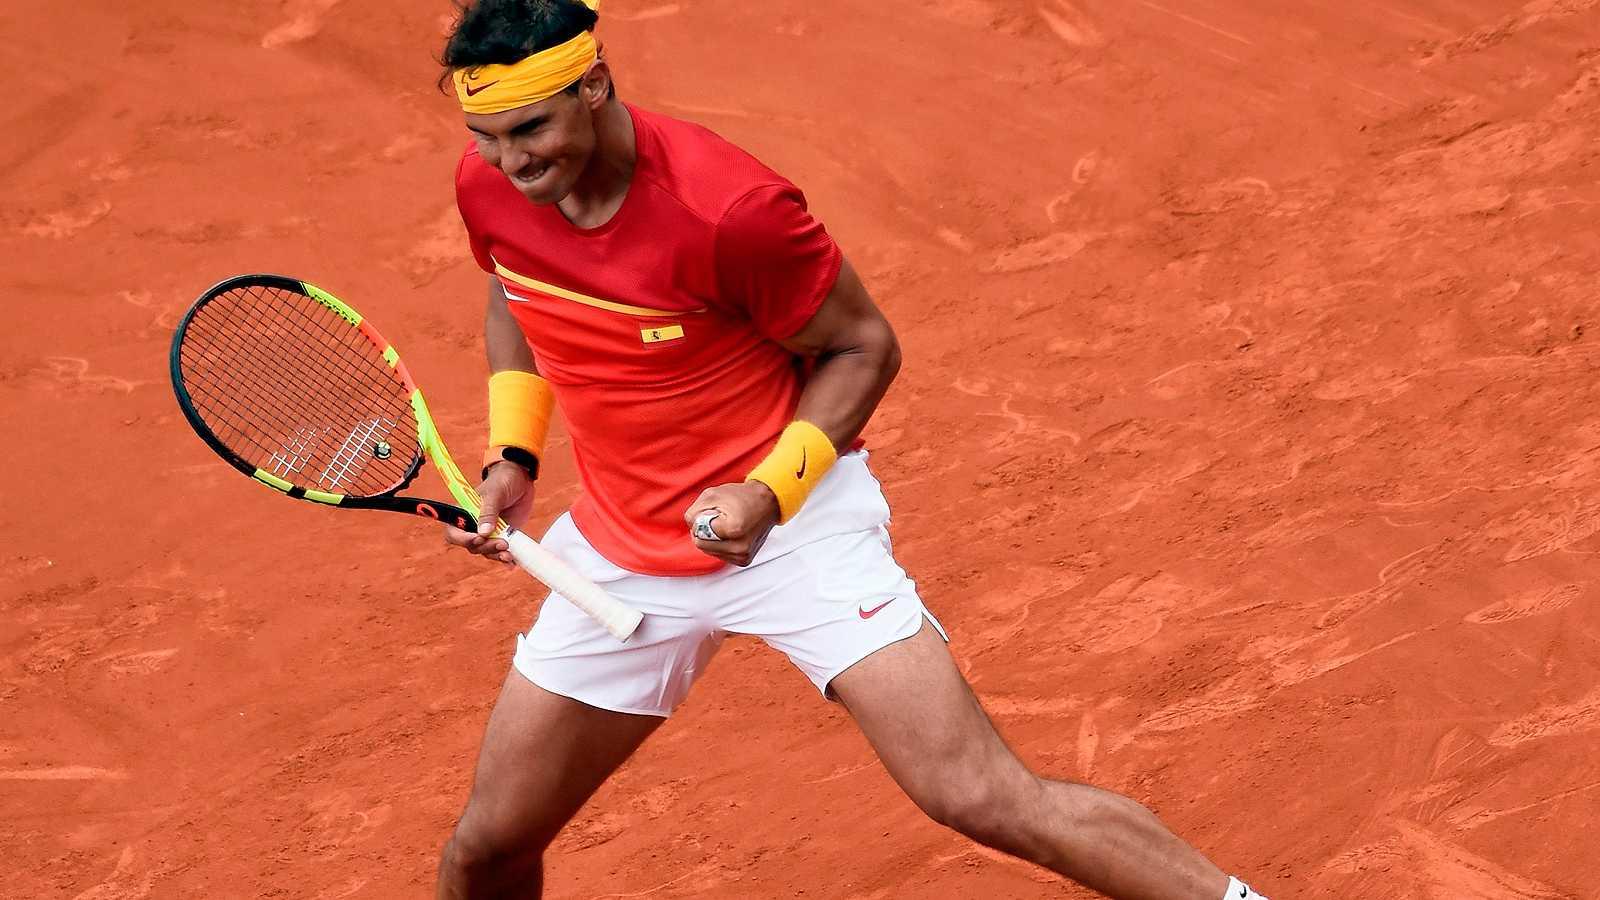 El número uno español superó con claridad a Kohlschreiber (6-2, 6-2 y 6-3), consiguiendo un punto que empata la eliminatoria de cuartos de final de la Copa Davis con Alemania.